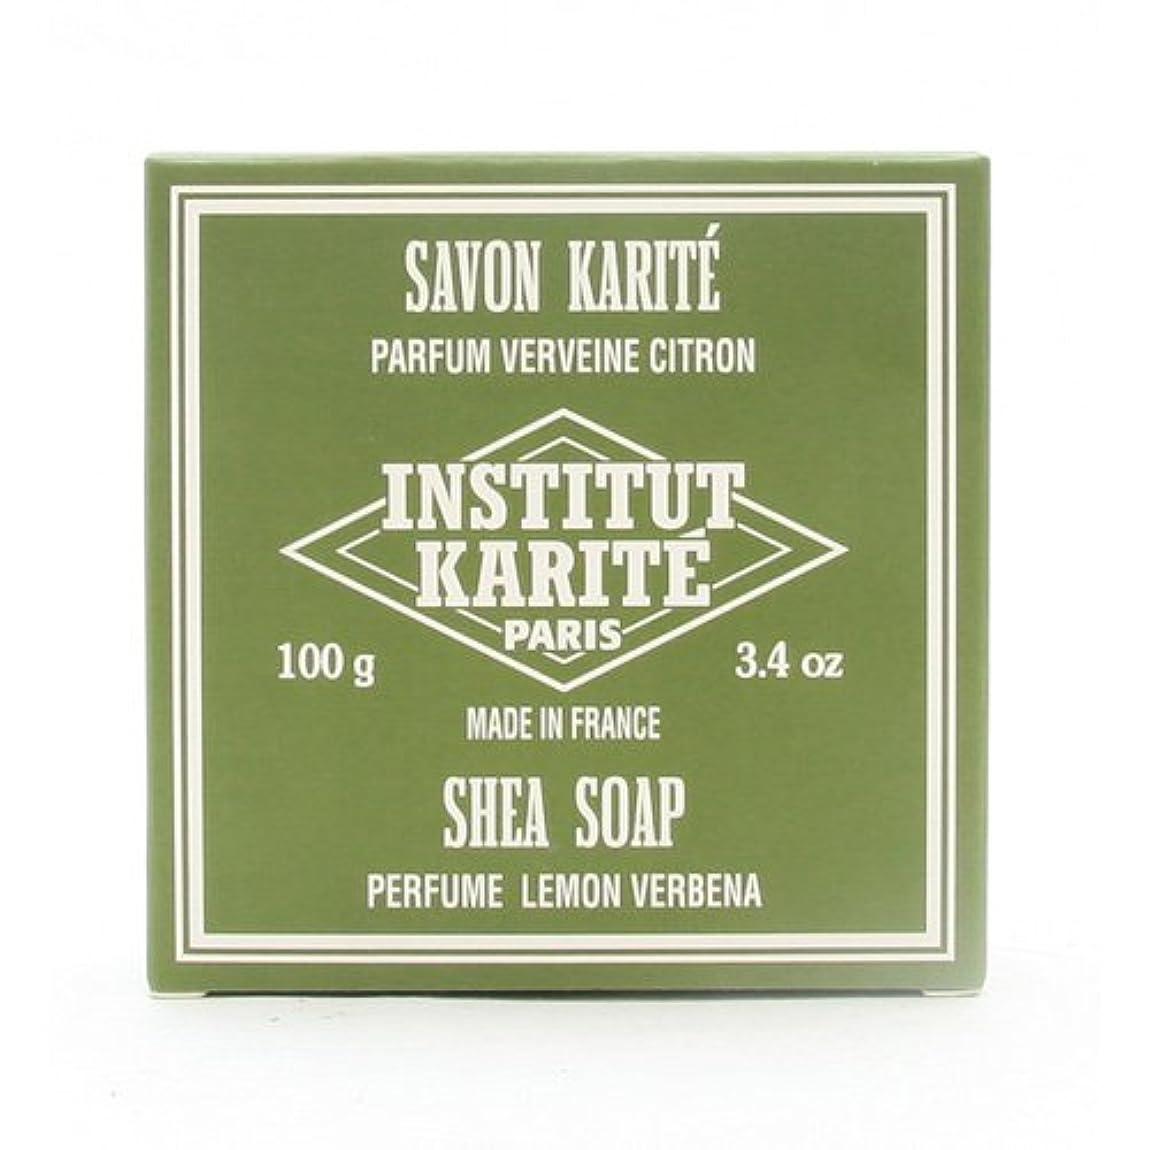 医師サッカーネーピアINSTITUT KARITE インスティテュート カリテ 25% Extra Gentle Soap ジェントルソープ 100g Lemon Vervenaレモンバーベナ